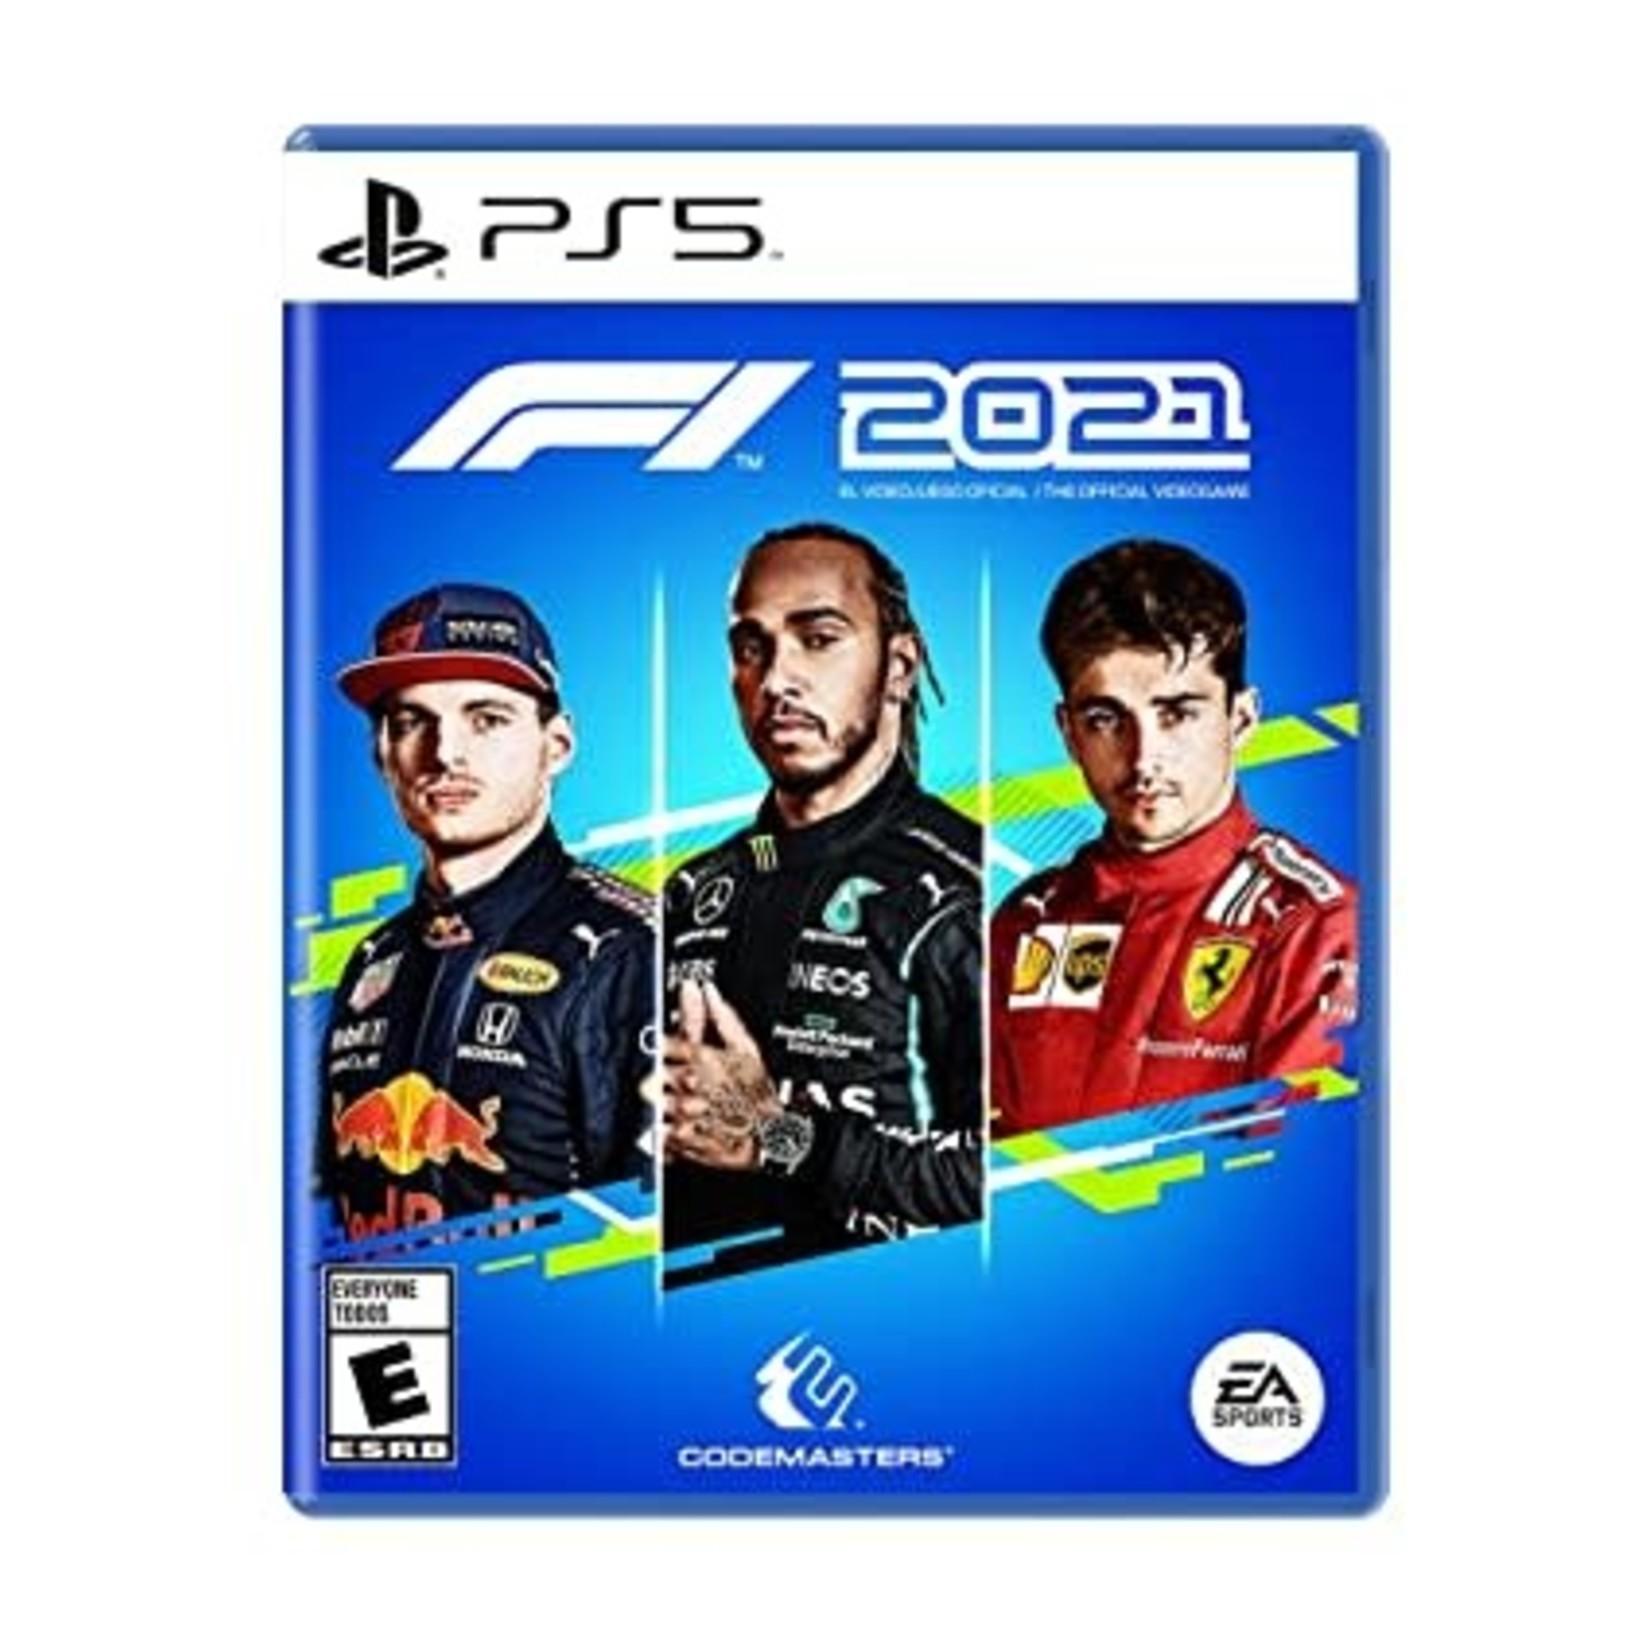 PS5-F1 2021